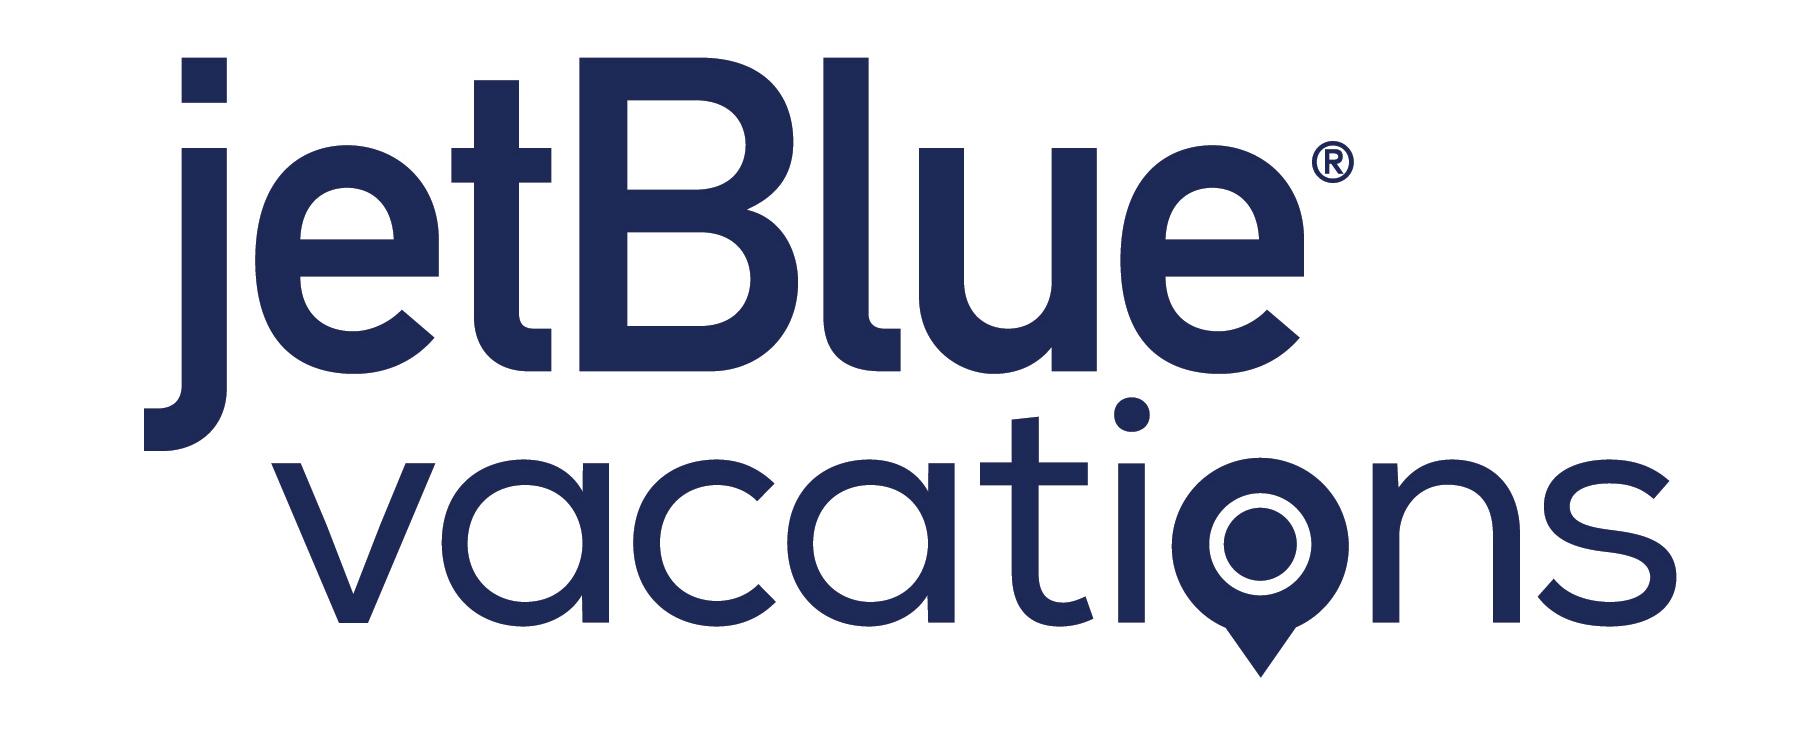 Αποτέλεσμα εικόνας για JetBlue Vacations and Utrip Launch Artificial Intelligence-Based Trip Planning Portal